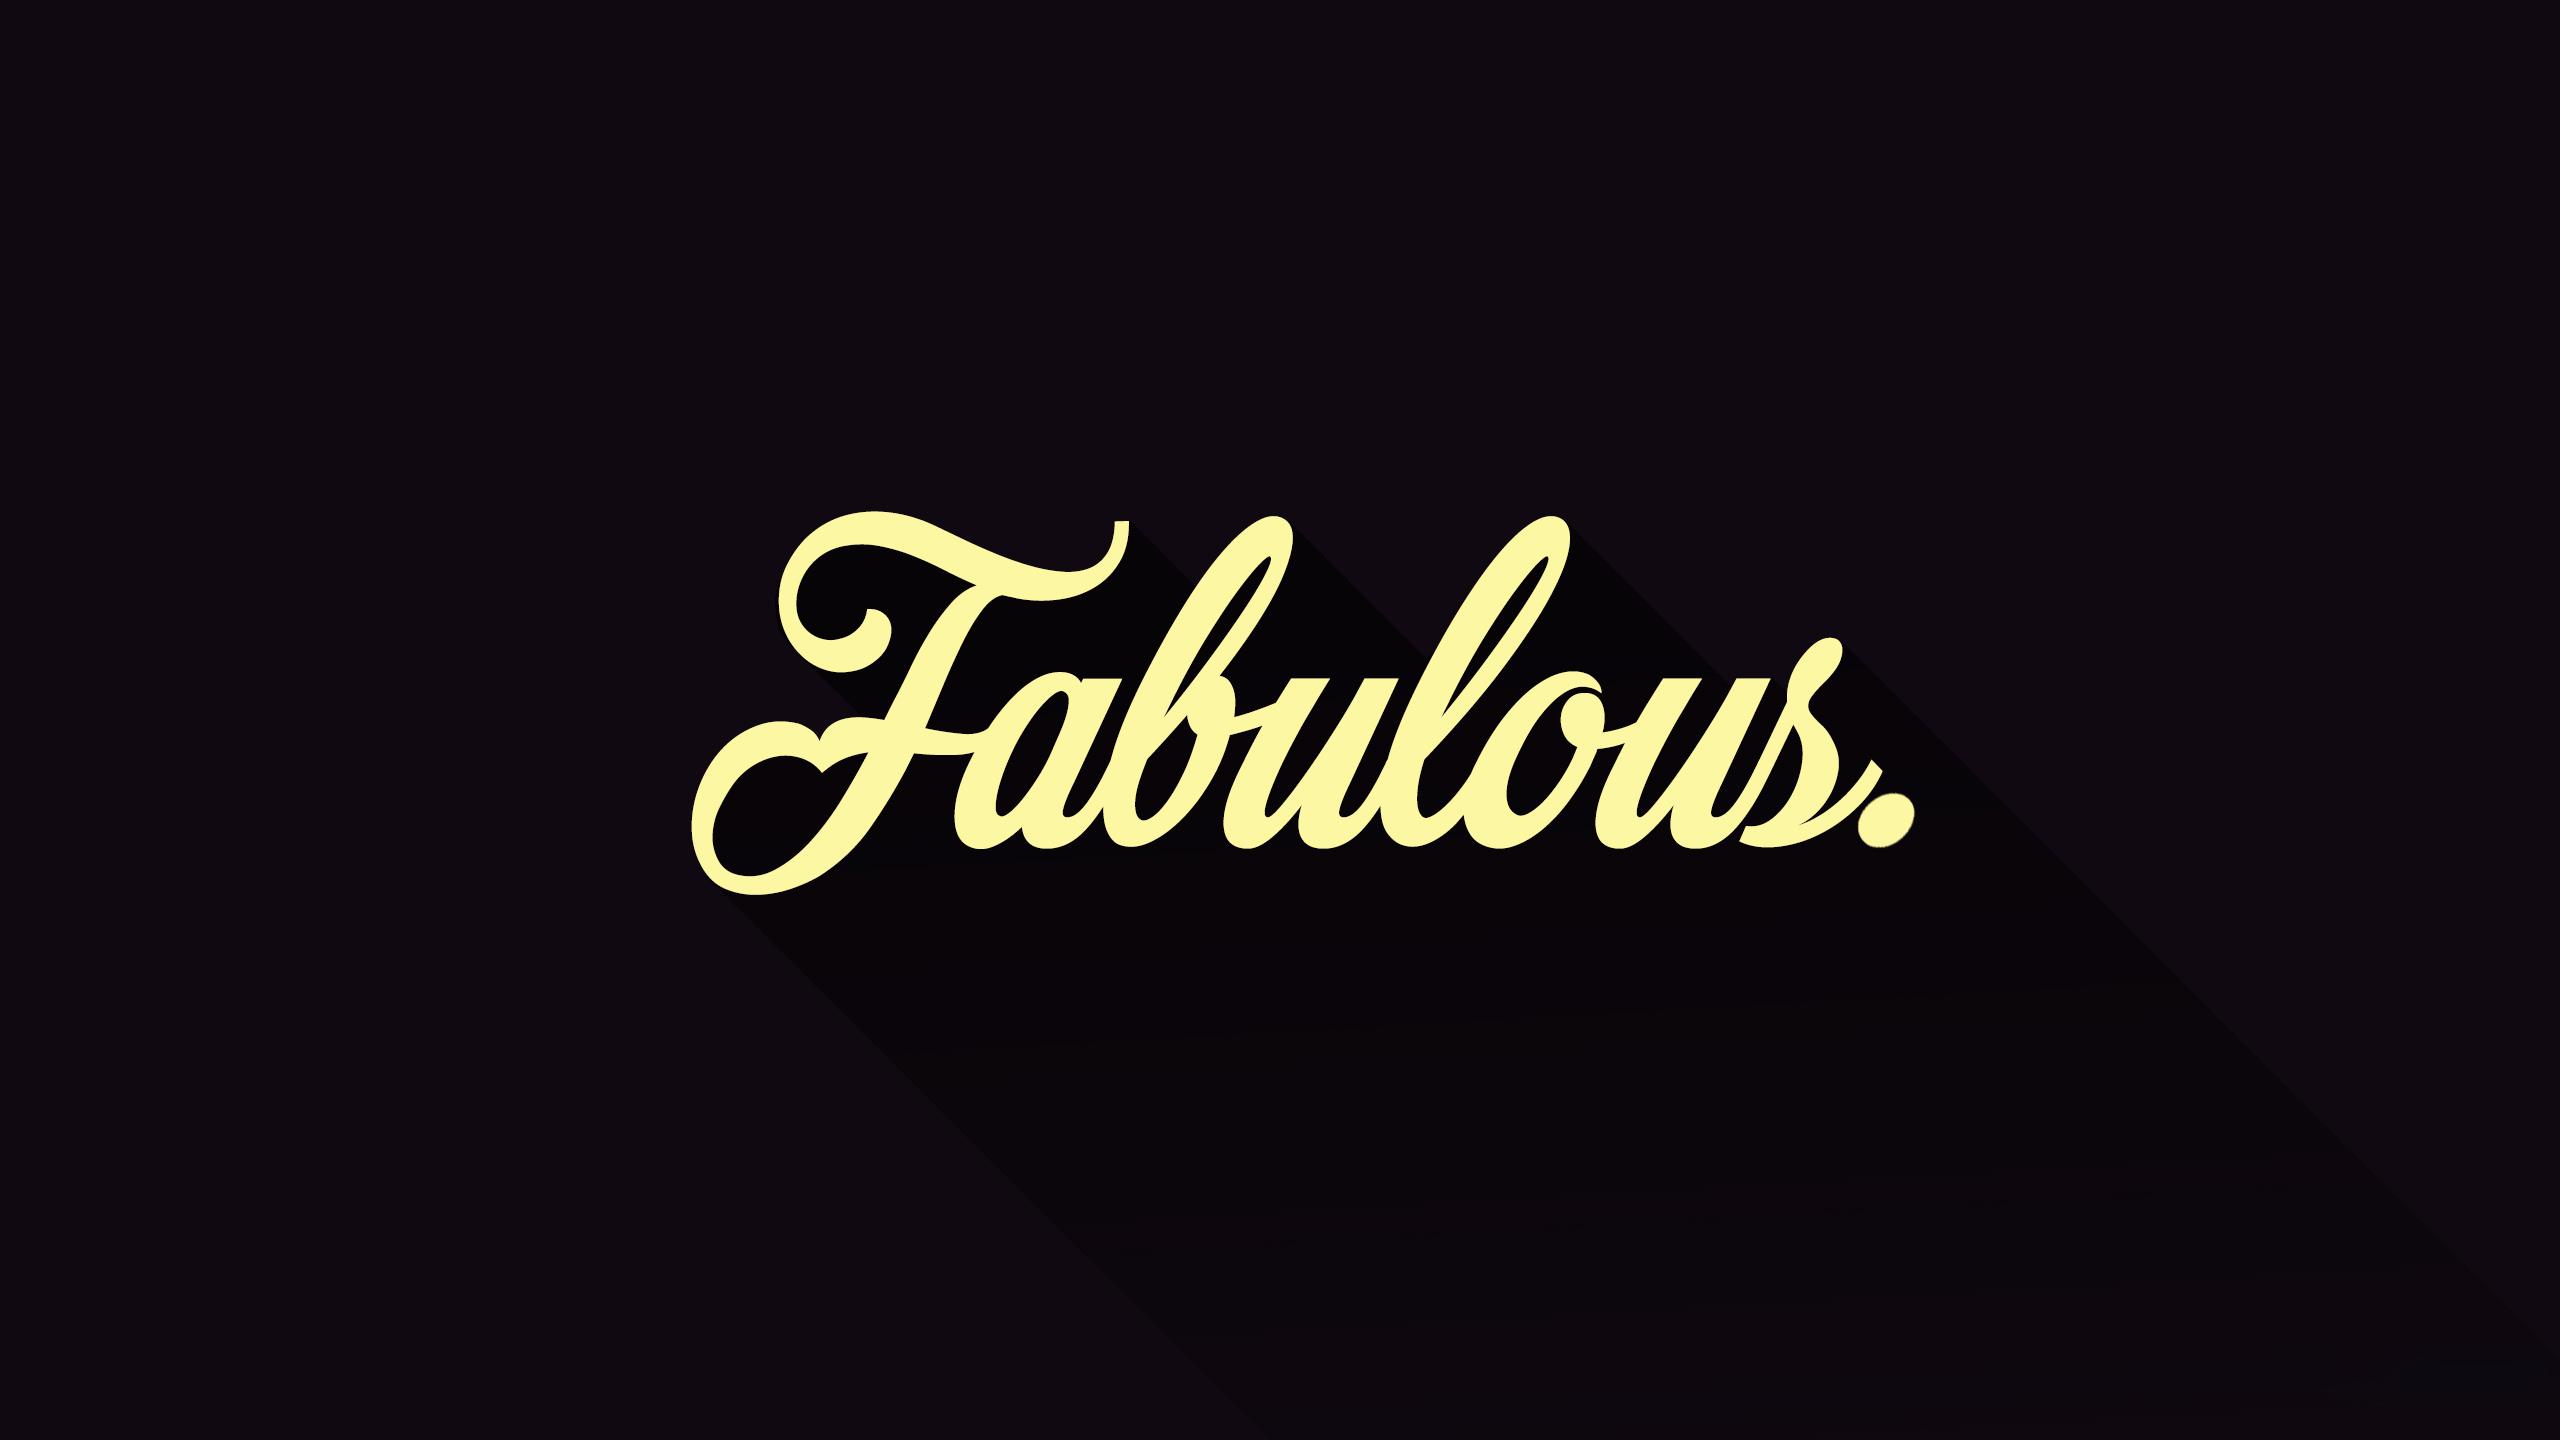 Fabulous Wallpapers HD 2560x1440